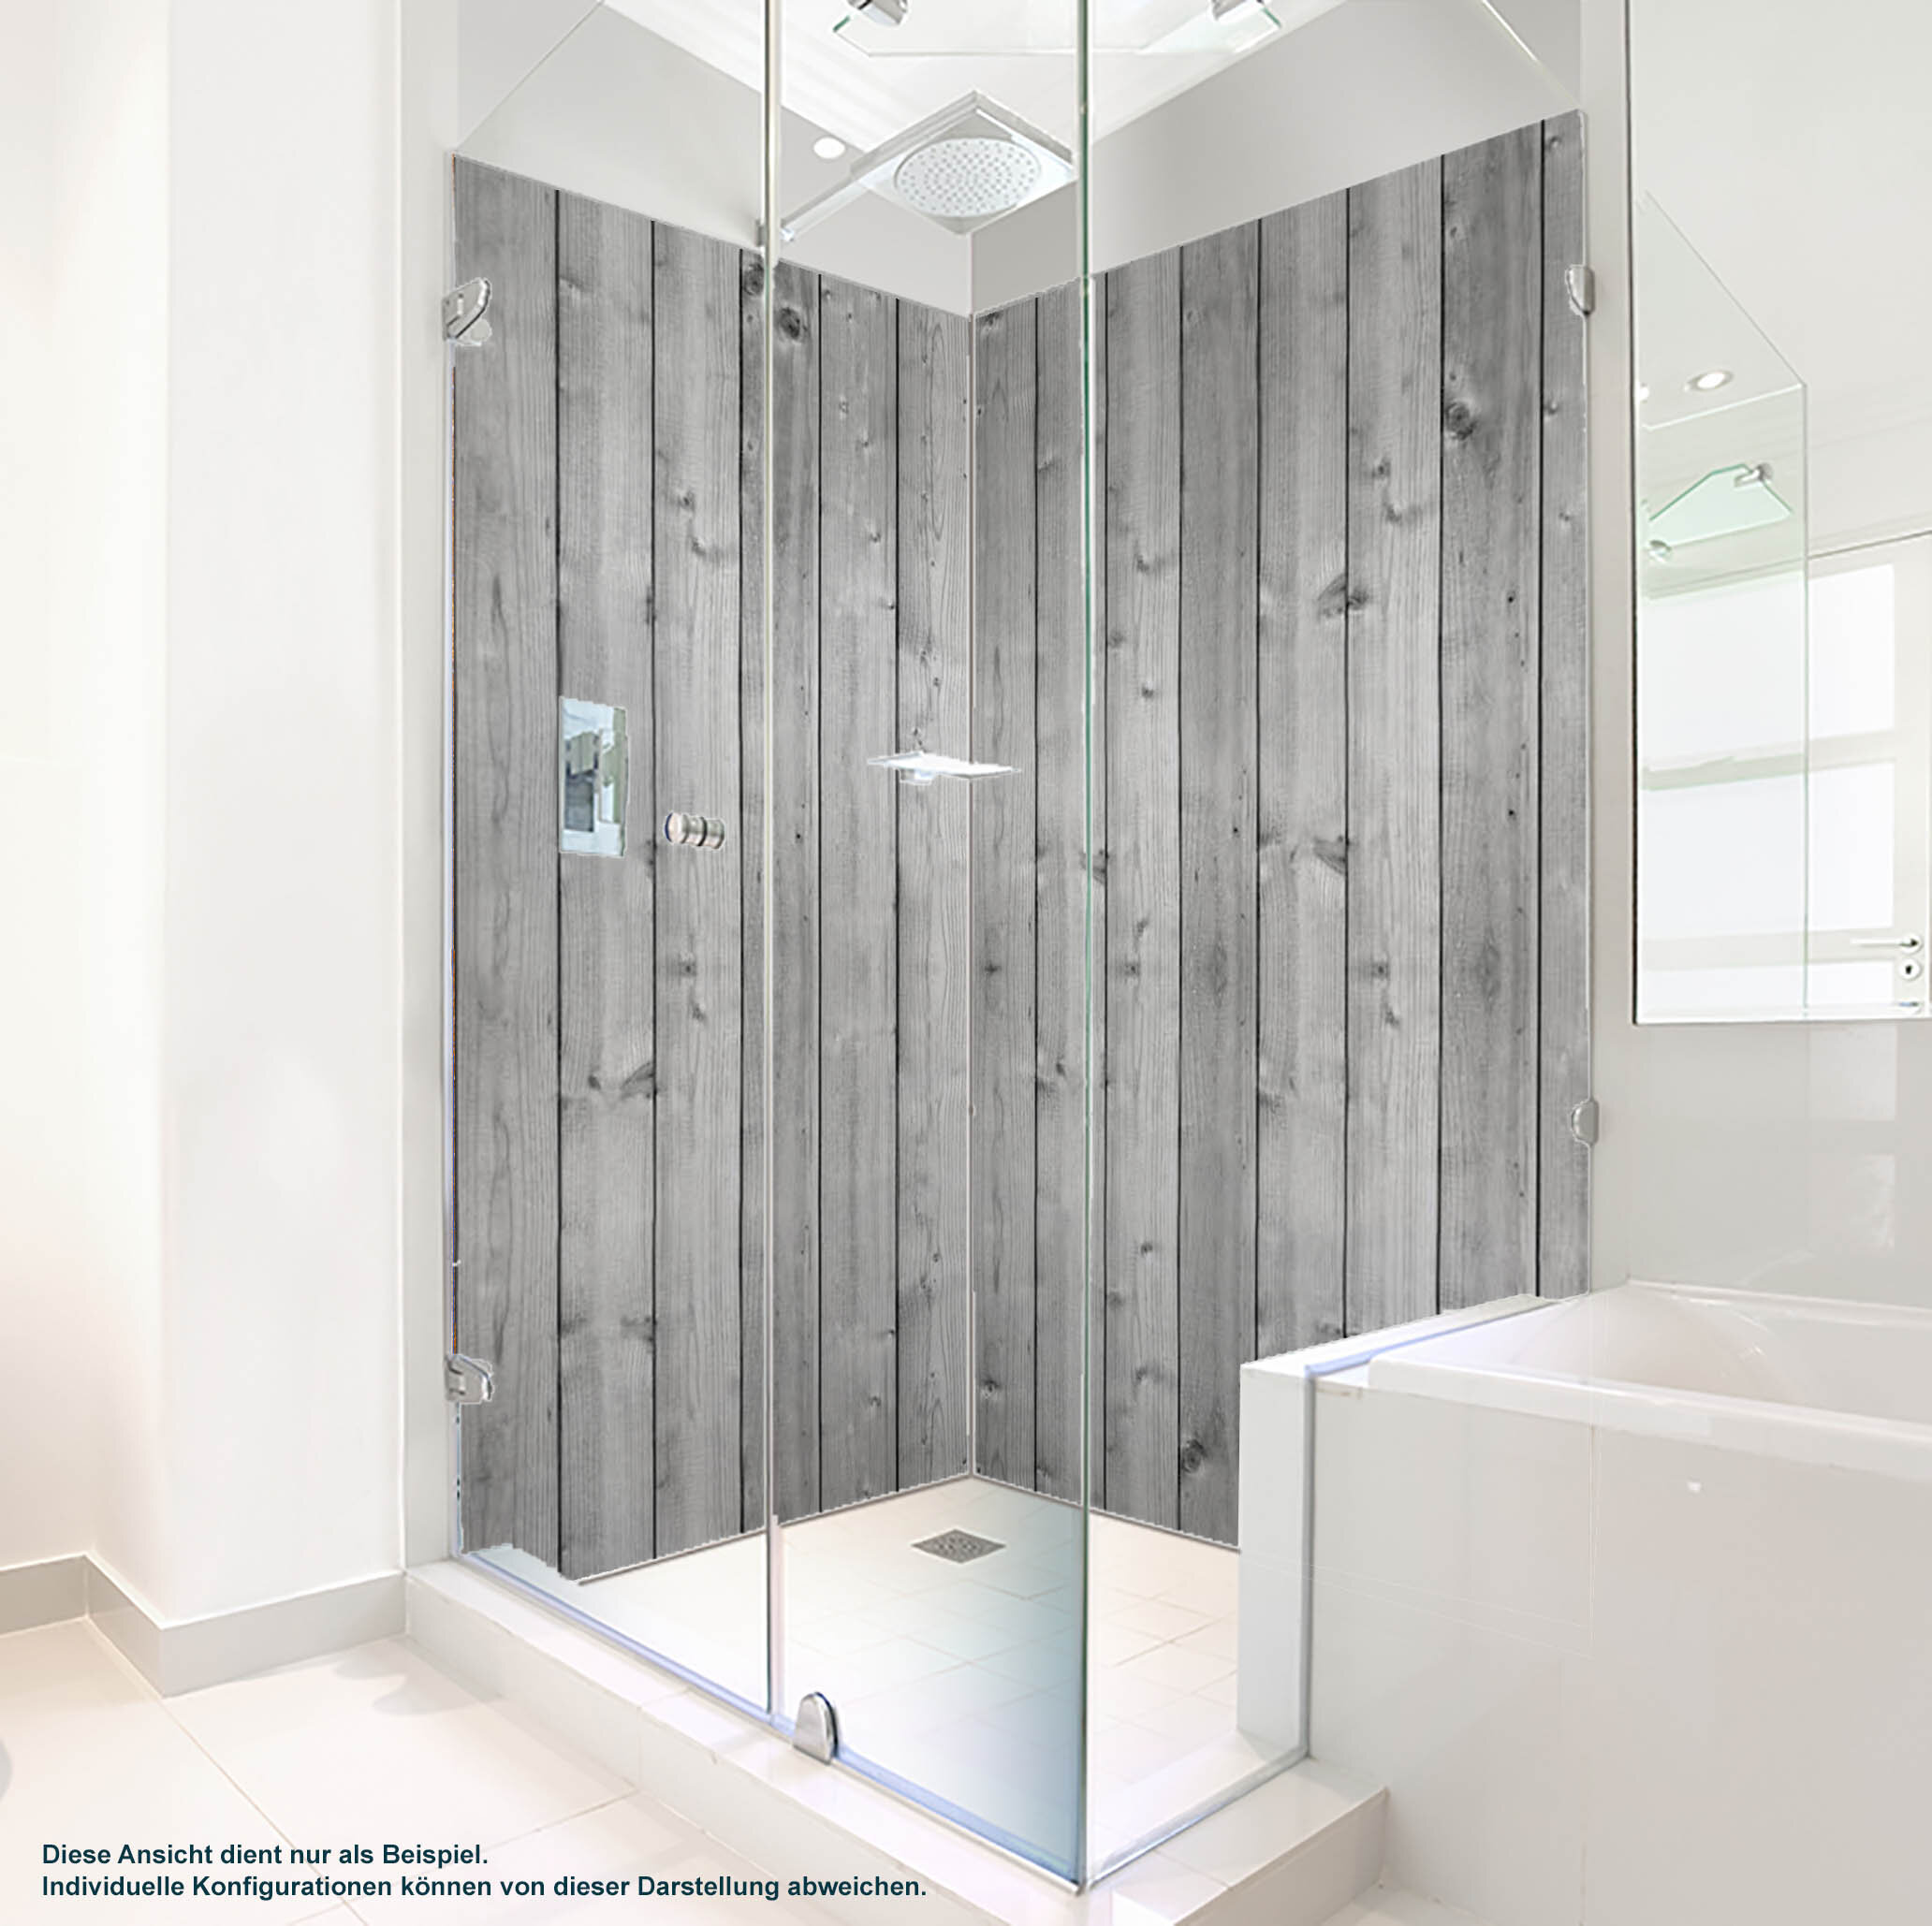 Dusche PlateART Duschrückwand mit Motiv Holz graue Bretter